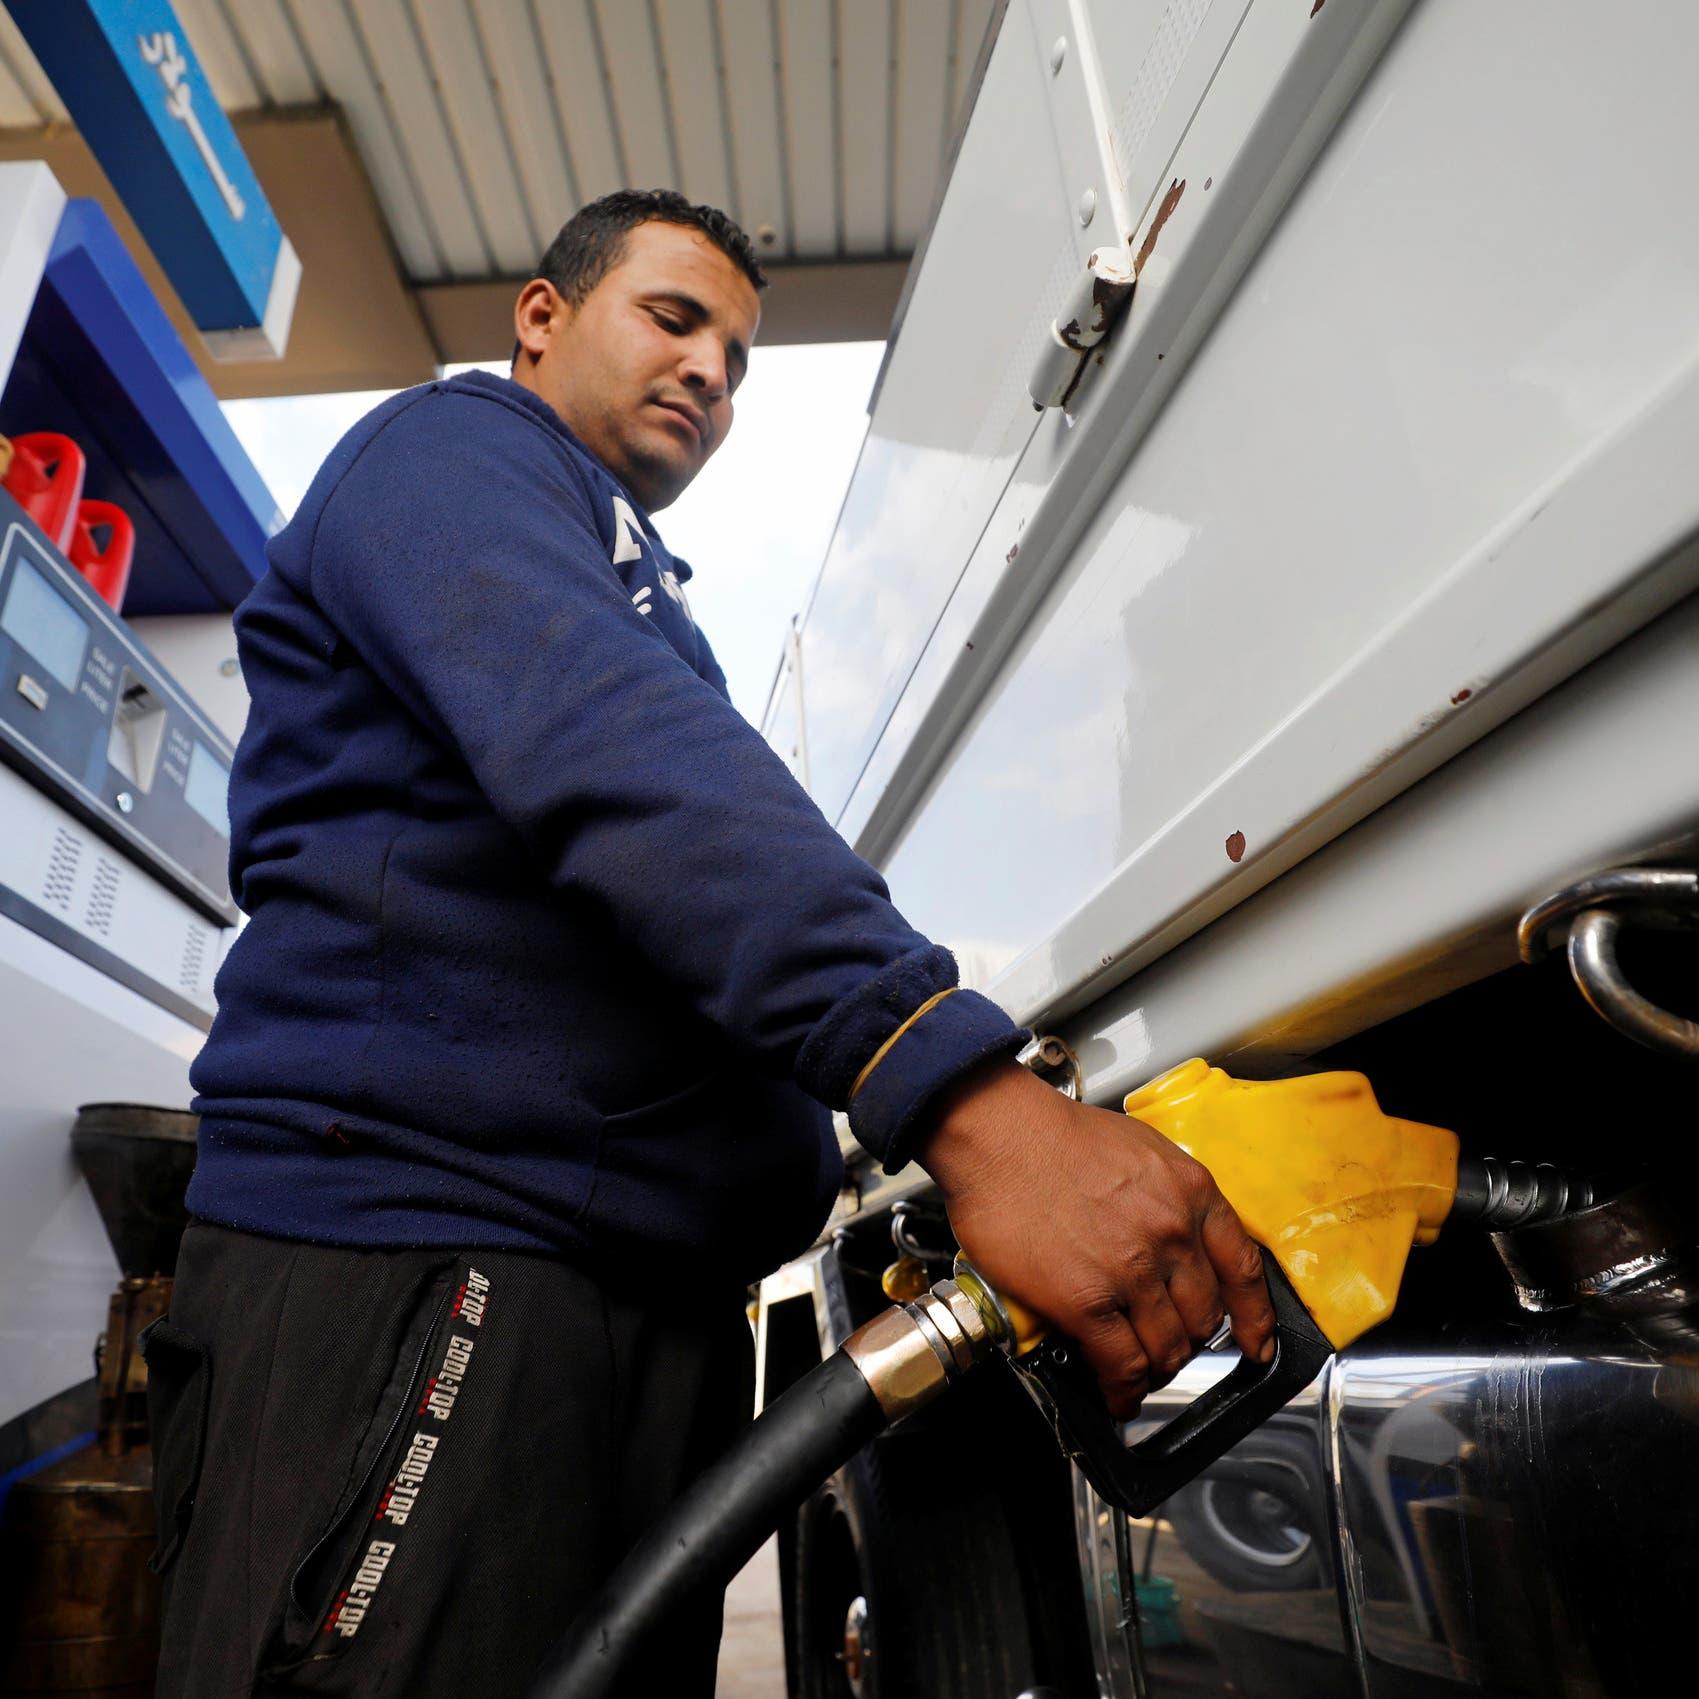 هذه أسعار البنزين الجديدة في مصر بعد قرار رفعها